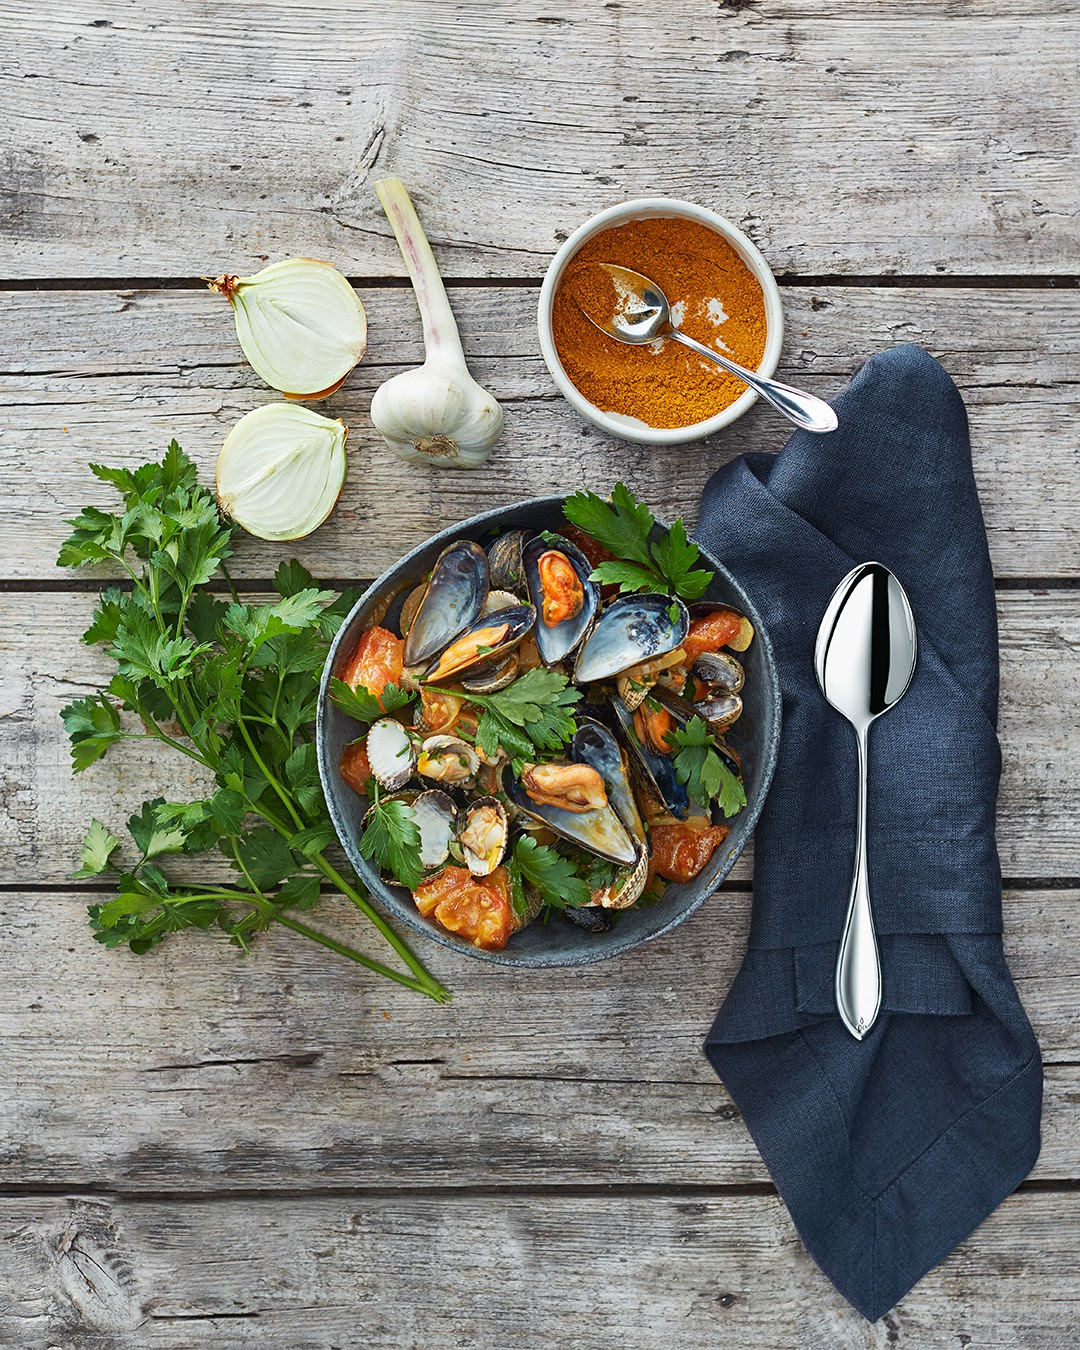 Cucchiaio a tavola, non solo per zuppe e minestre